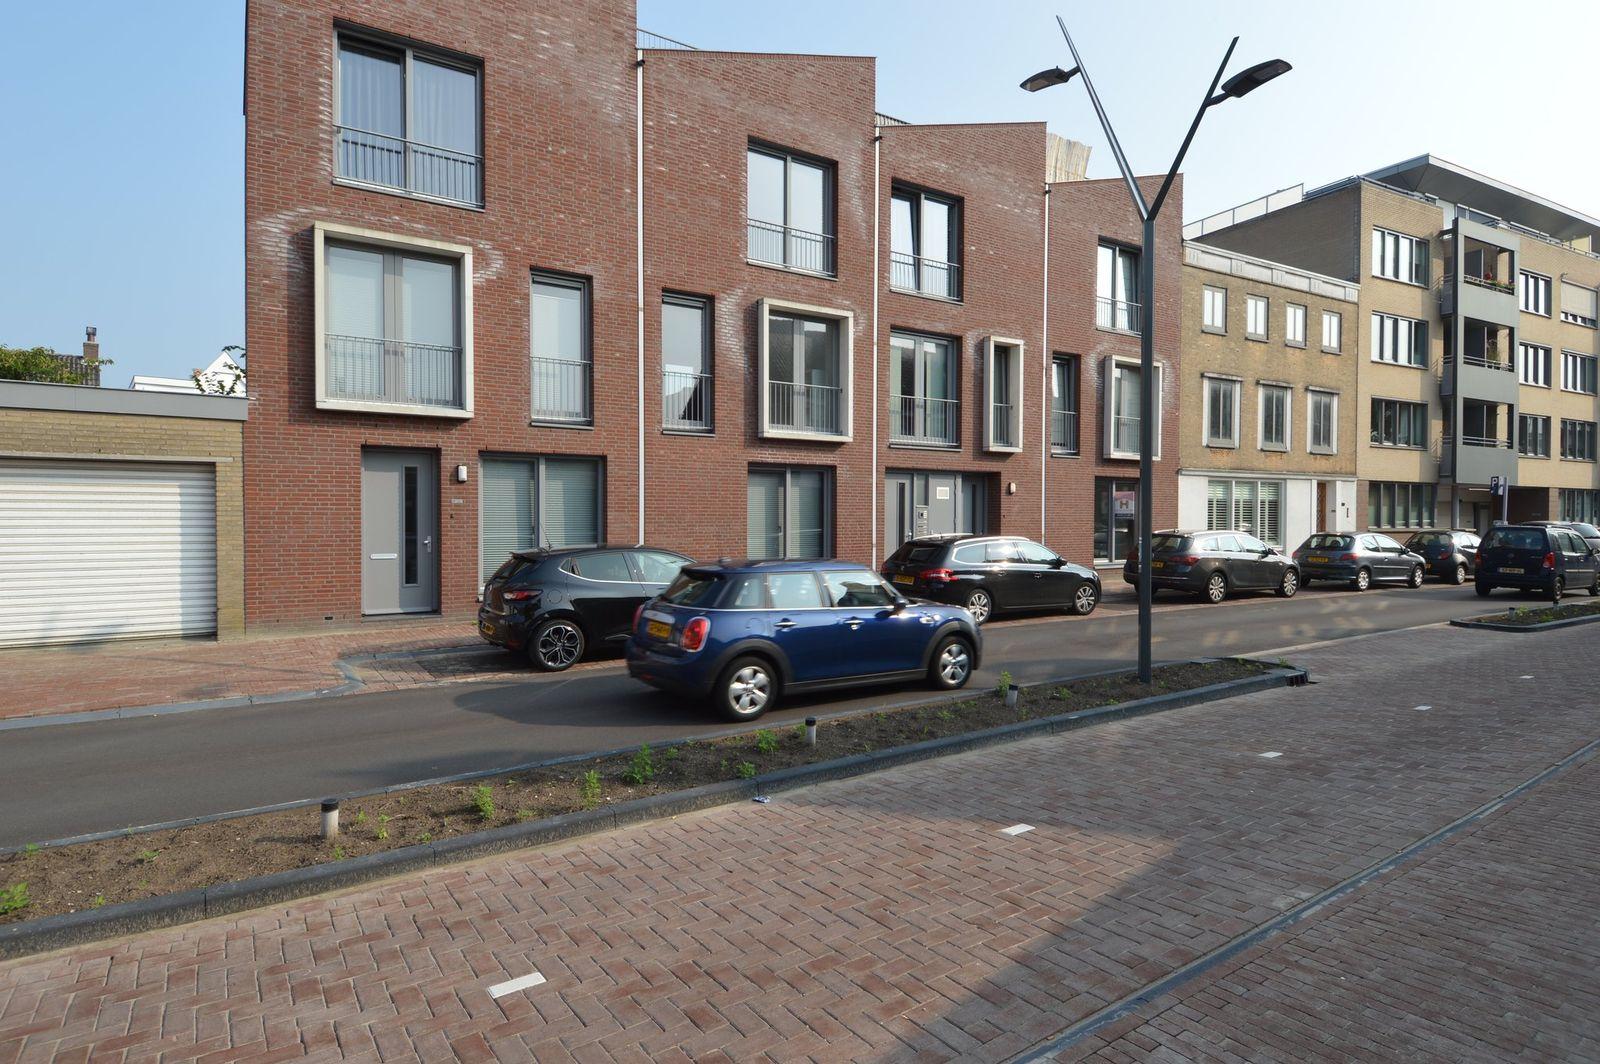 Burgemeester Prinsensingel 97-A, Roosendaal